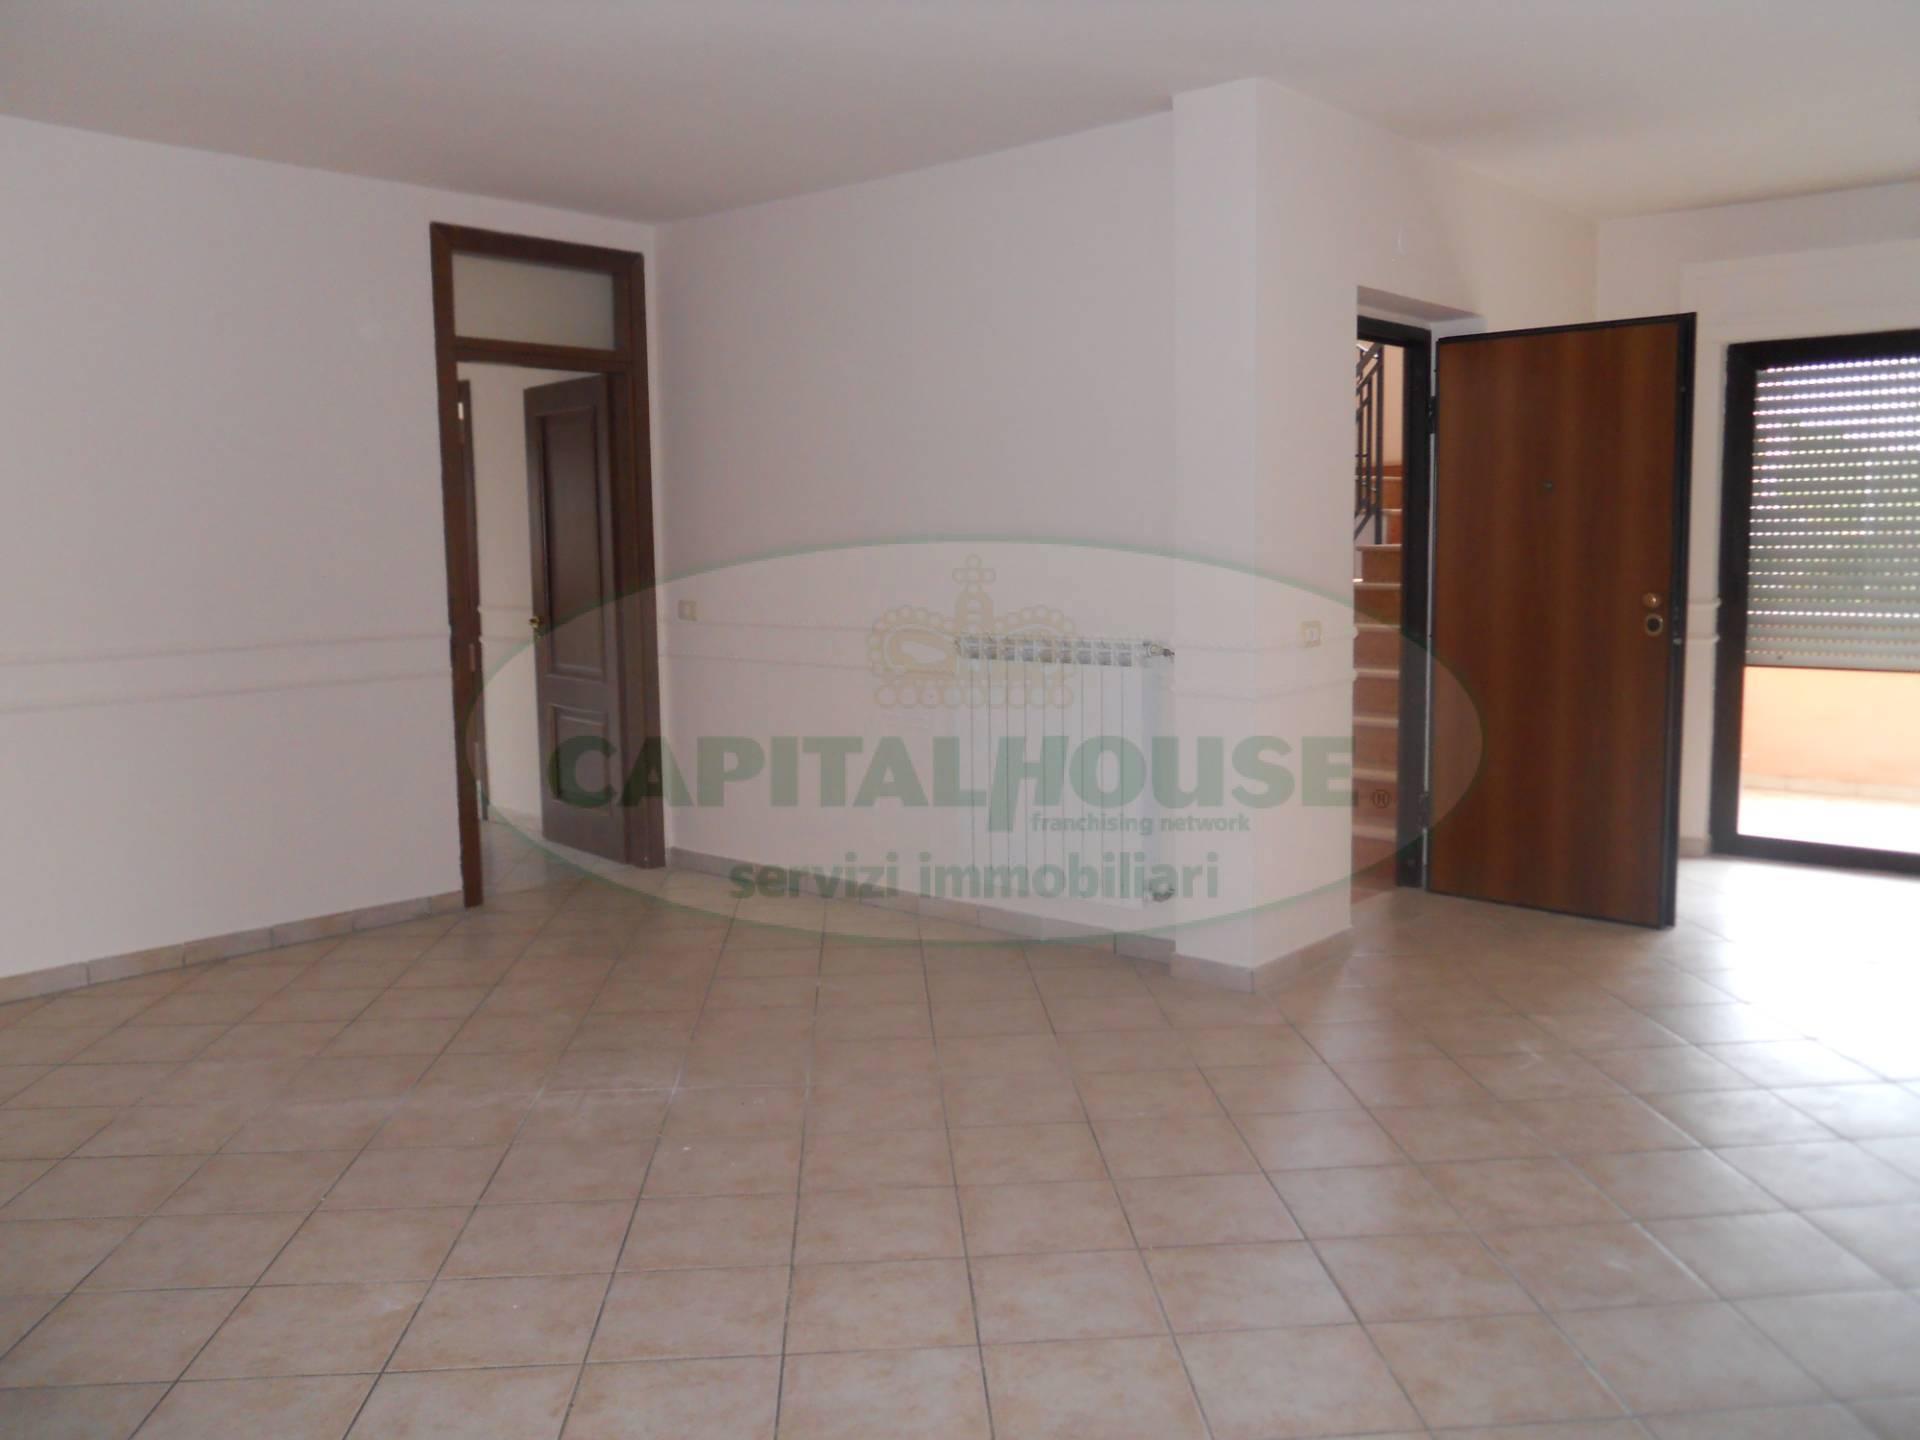 Appartamento in vendita a Pignataro Maggiore, 5 locali, prezzo € 119.000 | PortaleAgenzieImmobiliari.it